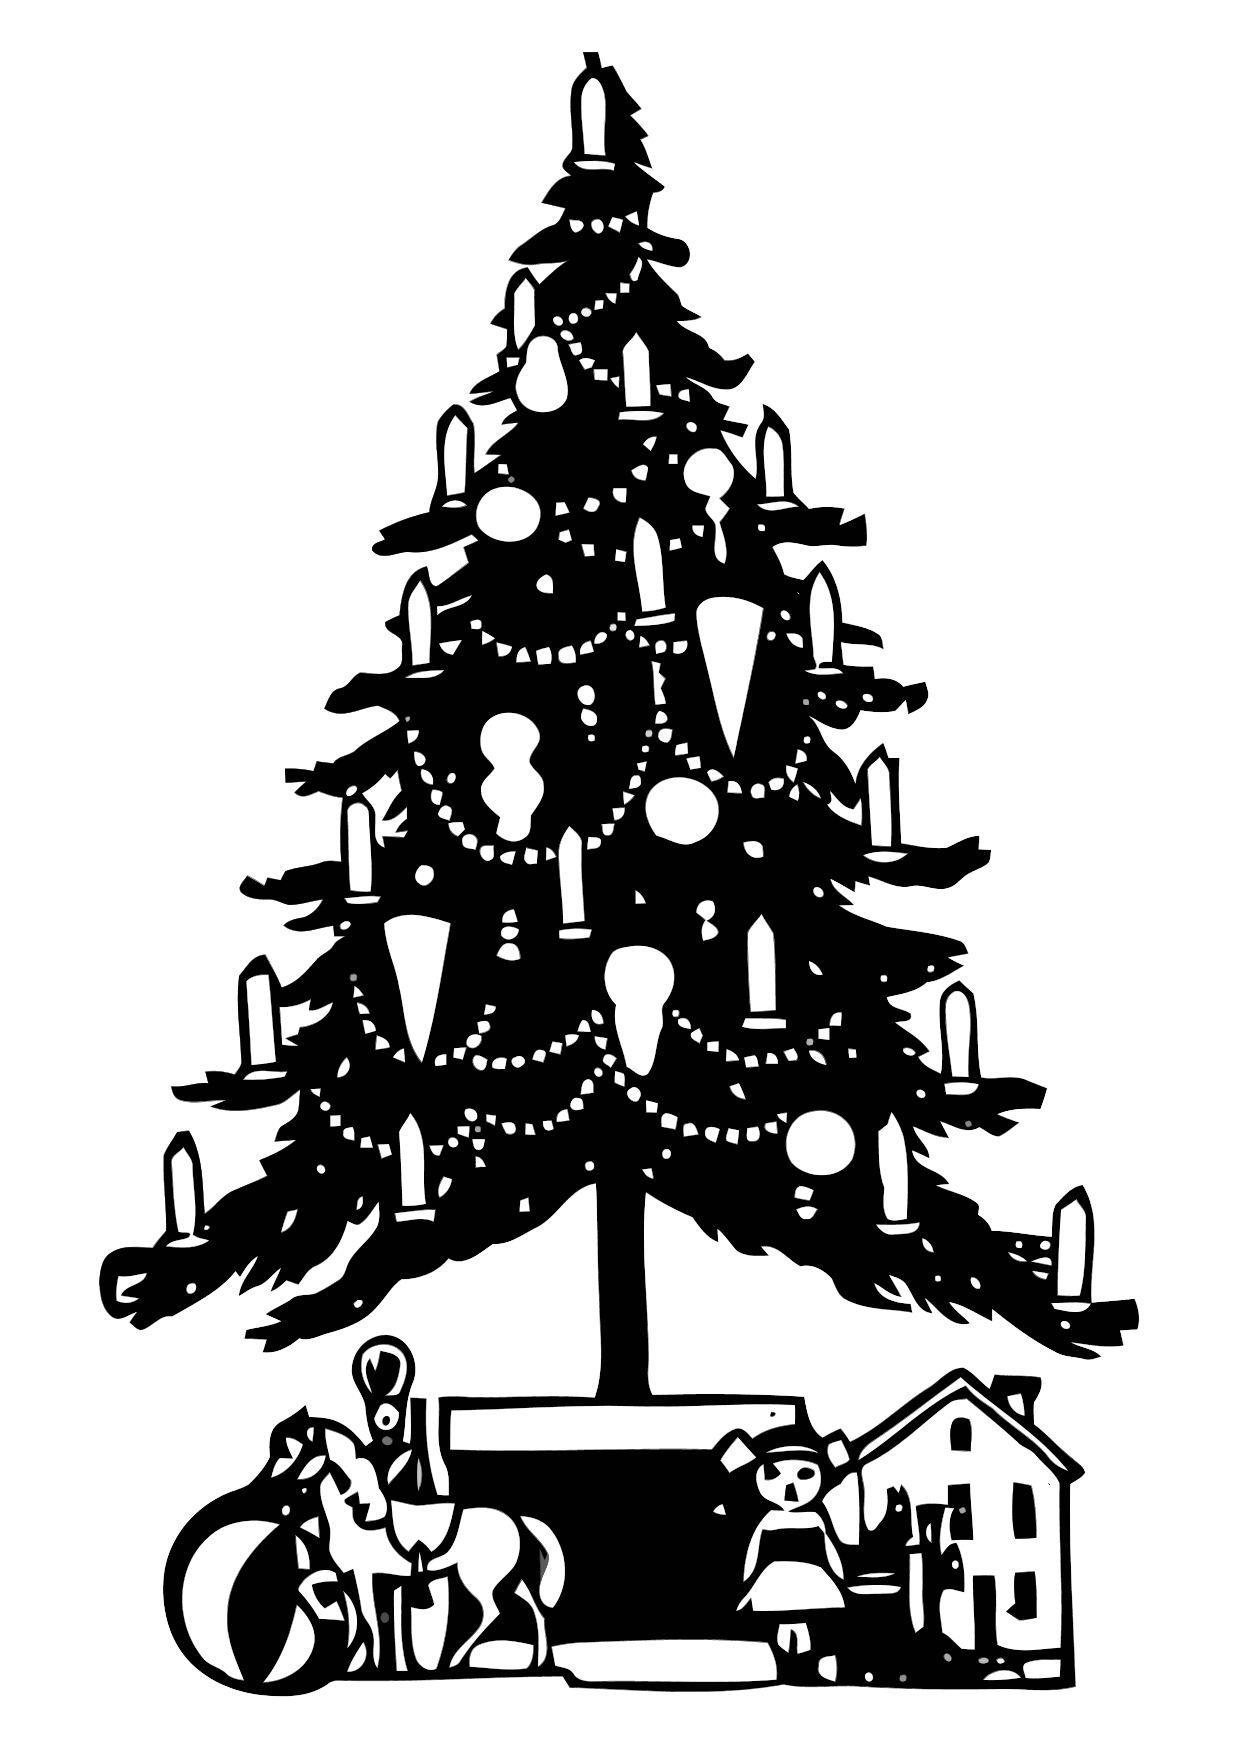 Dibujo para colorear Árbol de navidad - Img 11333